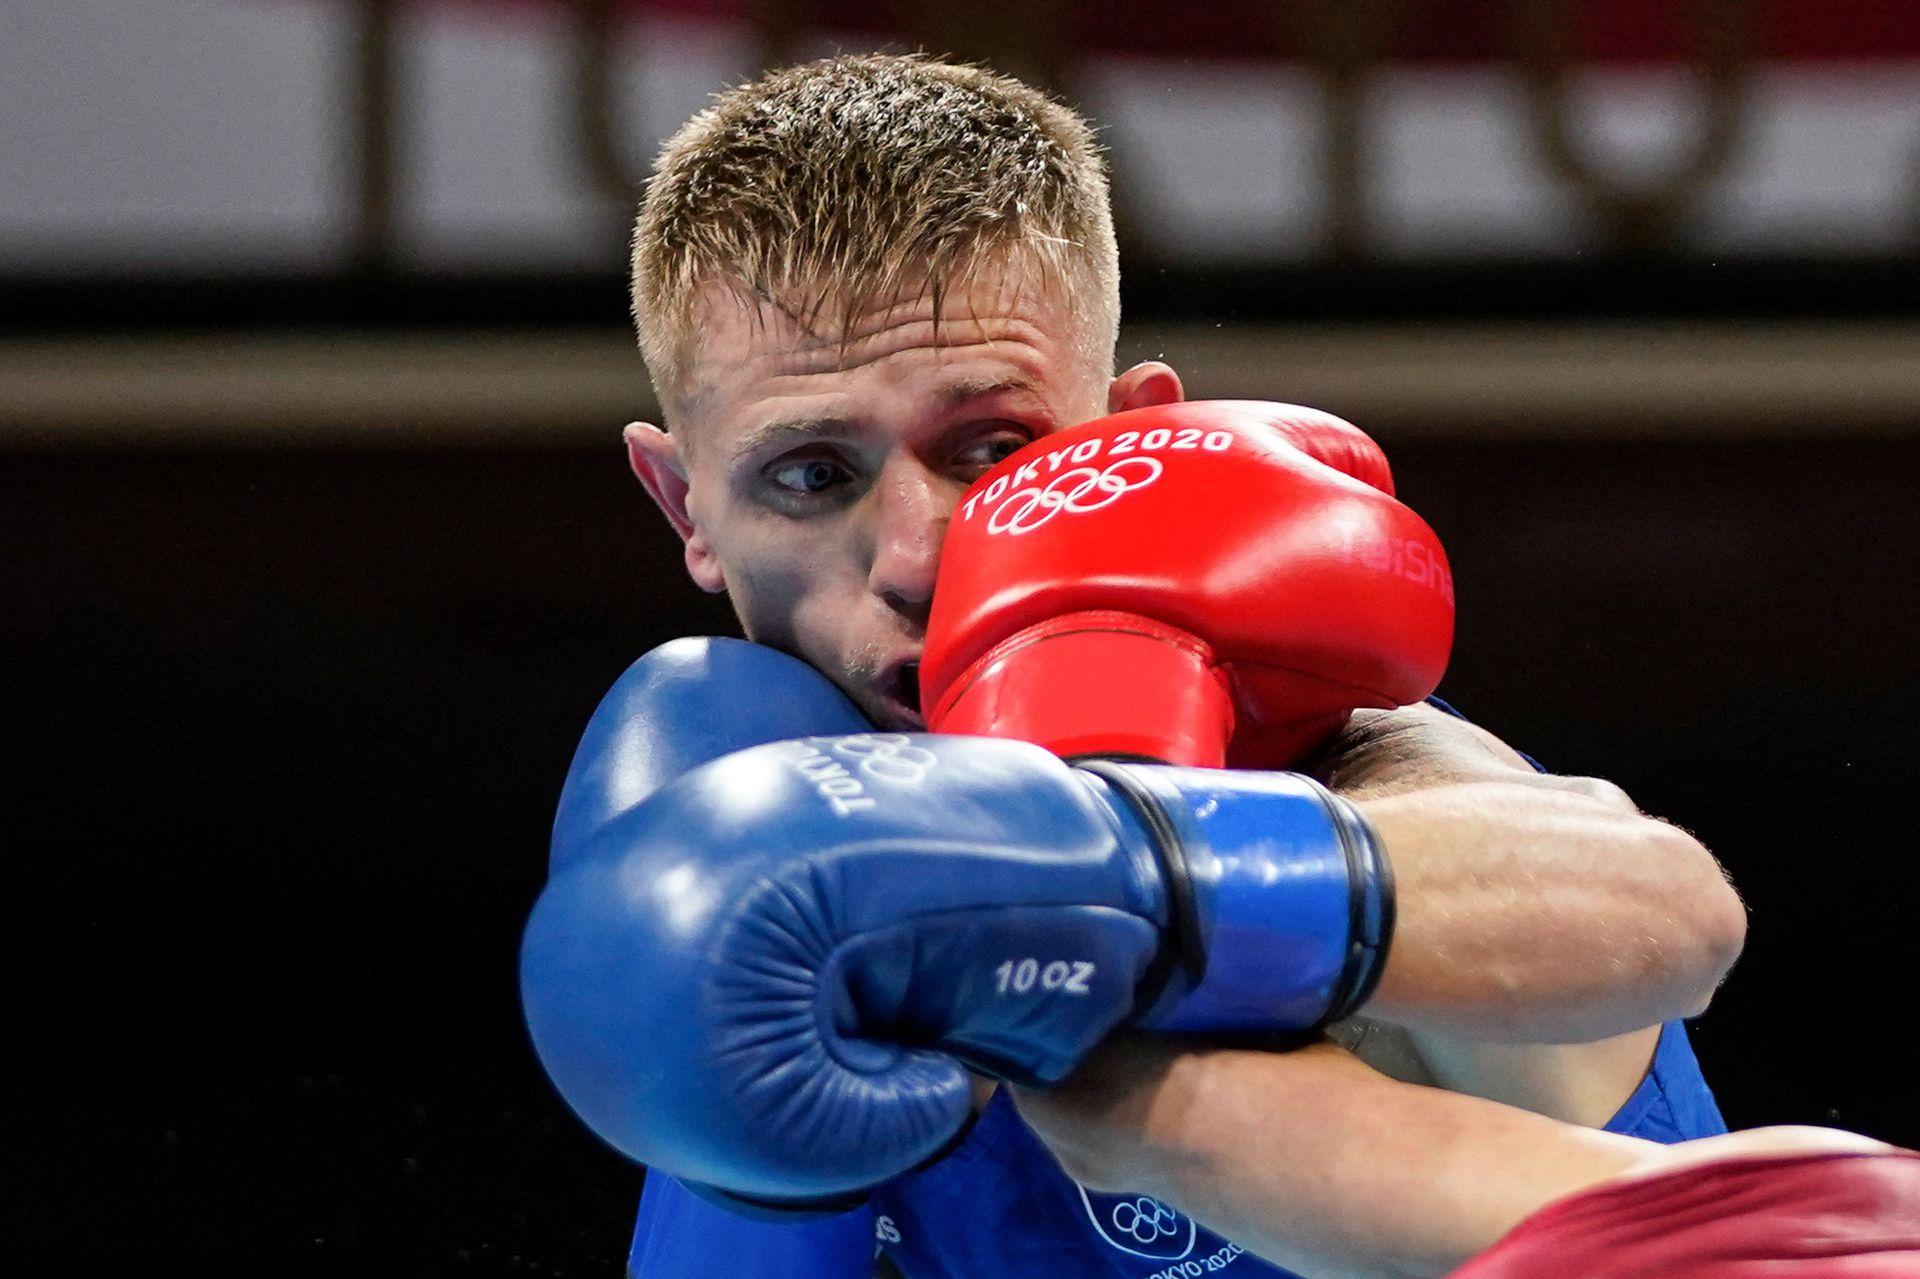 El irlandés Kurt Anthony Walker recibe un puñetazo del español José Quiles Brotons durante el combate de boxeo preliminar de plumas masculinas (52-57 kg) durante los Juegos Olímpicos de Tokio 2020 en el Kokugikan Arena de Tokio el 24 de julio de 2021.